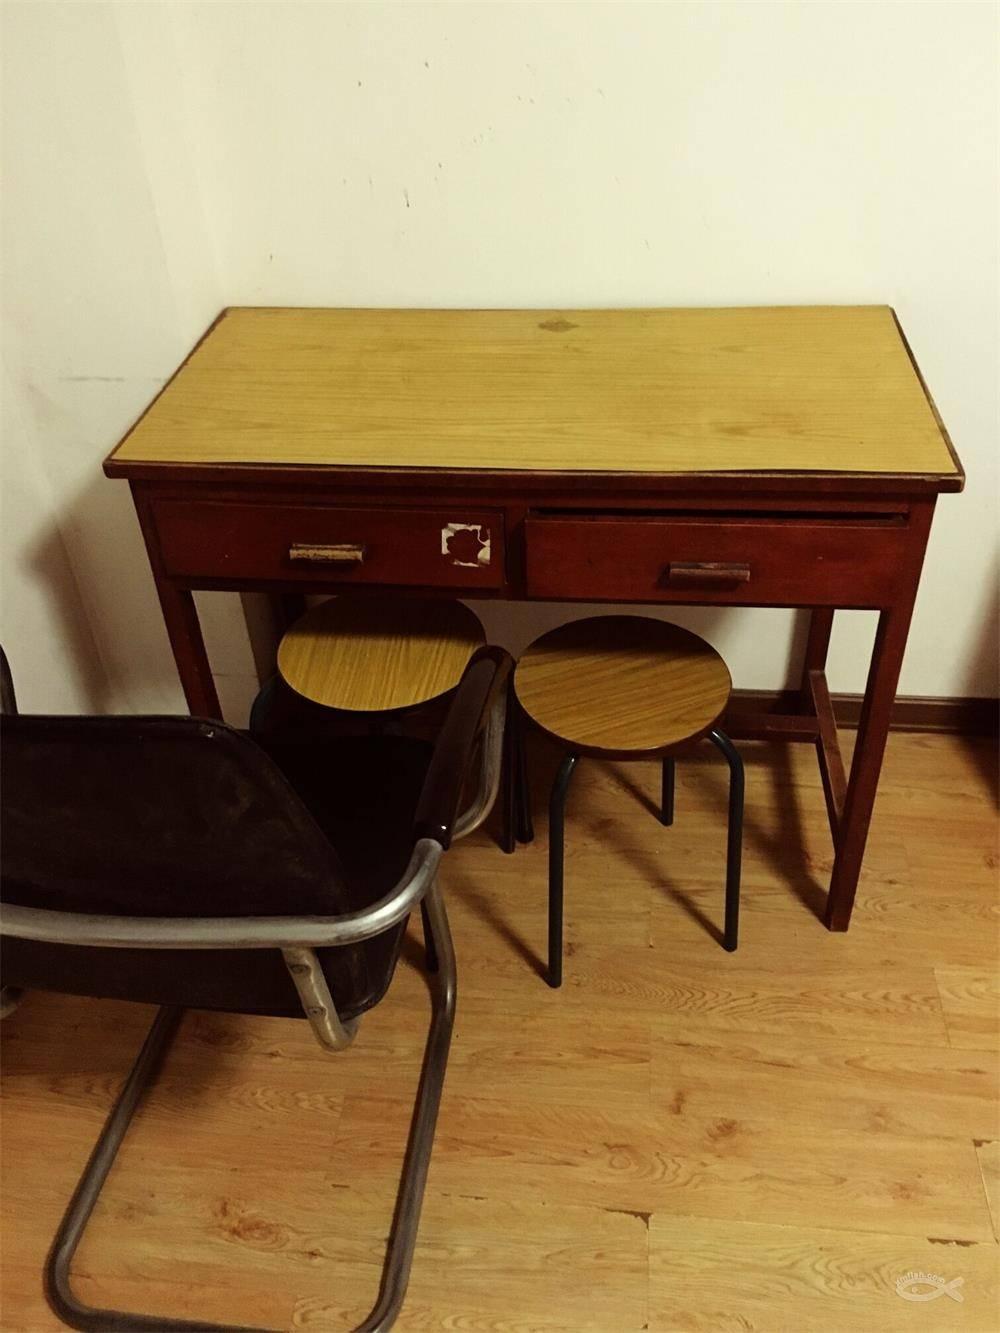 1.5米床衣柜鞋柜 真皮沙发椅子冰箱小柜子办公桌消毒碗柜